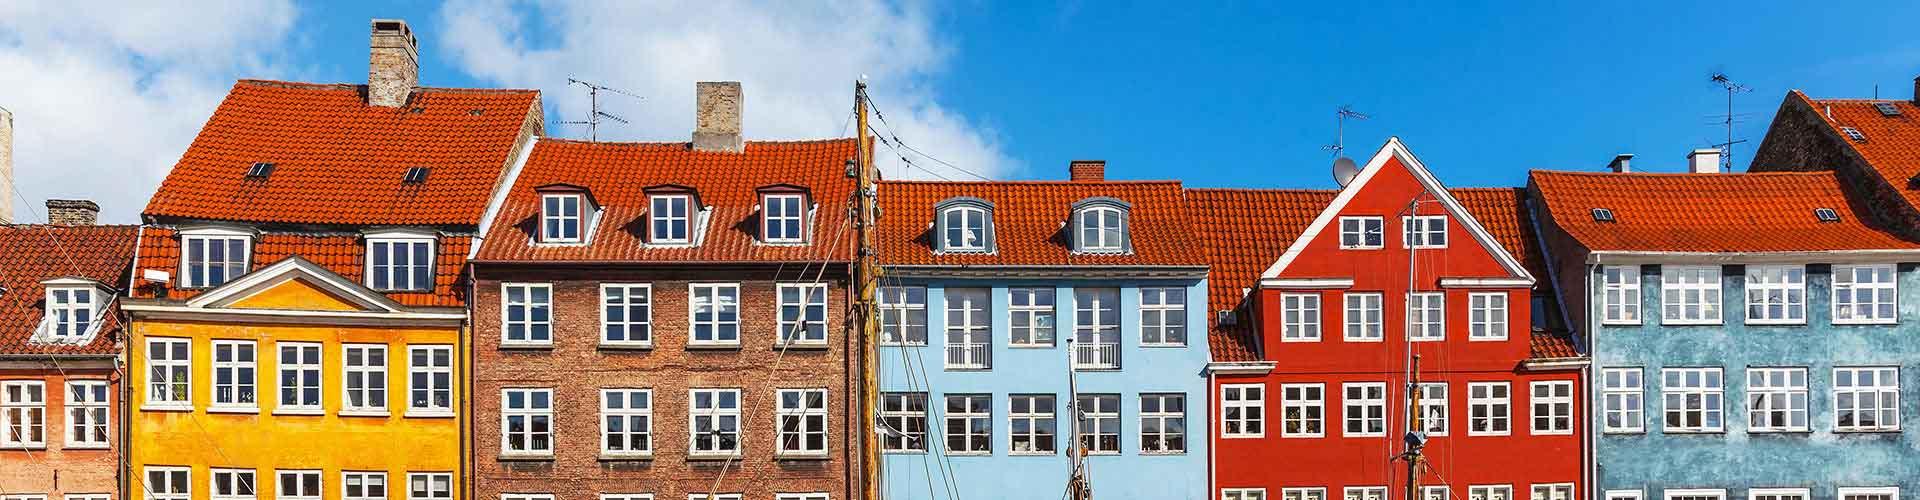 コペンハーゲン – Frederiksberg地区のユースホステル. 地図 コペンハーゲン, すべてのユースホステルの写真とレビュー コペンハーゲン.